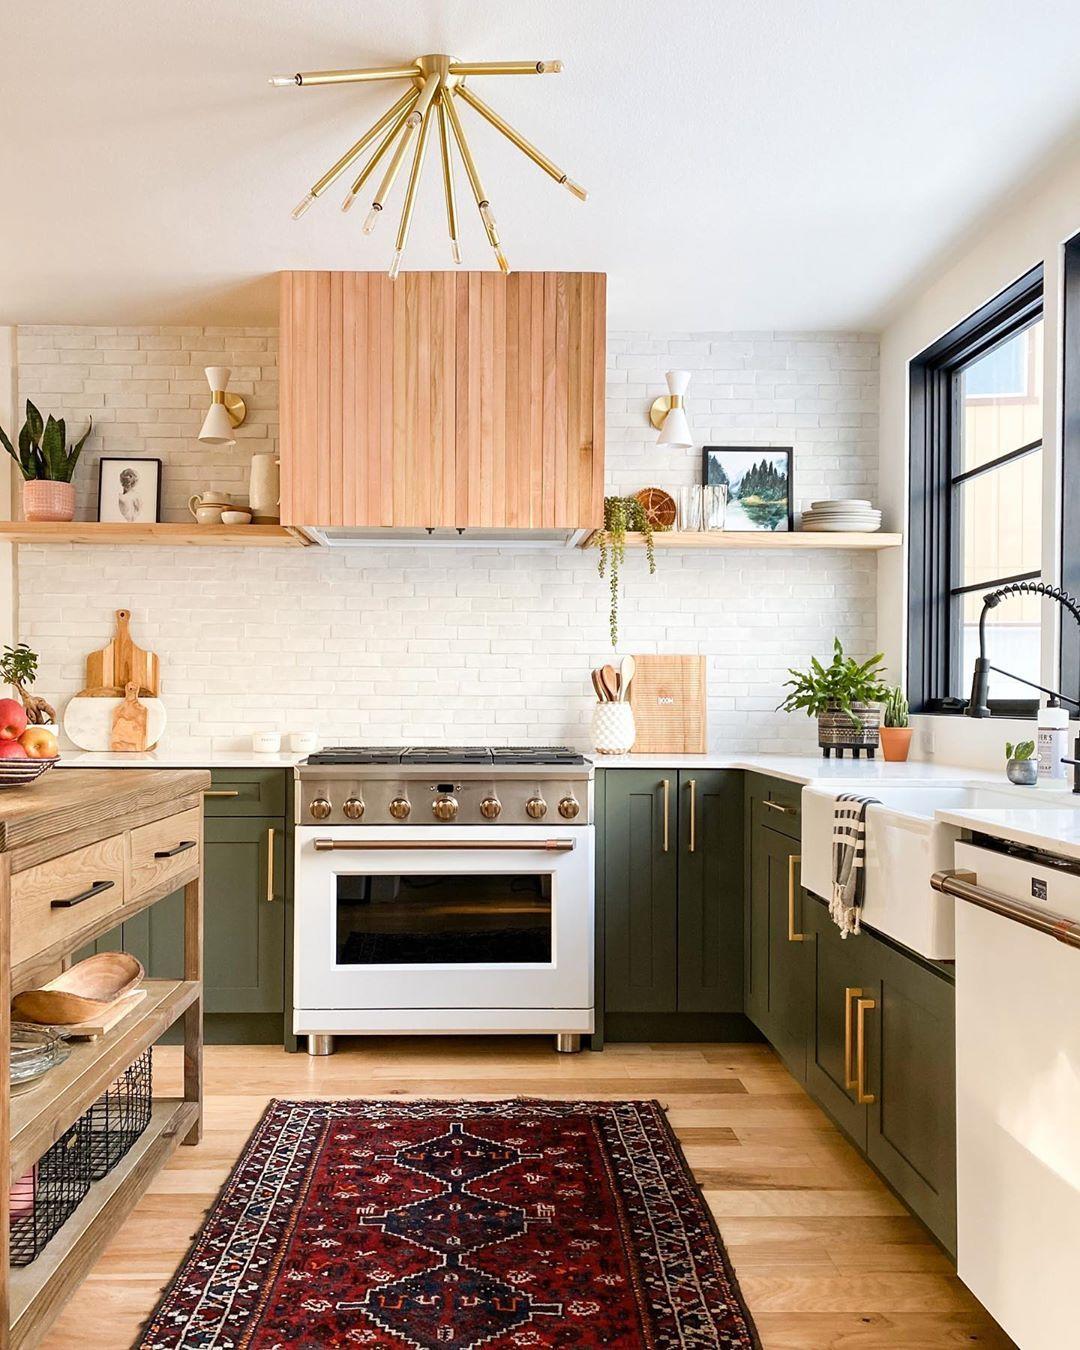 Reperees Sur Instagram Ces Cuisines Ont Toutes Des Ambiances Et Des Styles Differents On Adore In 2020 Green Kitchen Kitchen Inspirations Oregon House